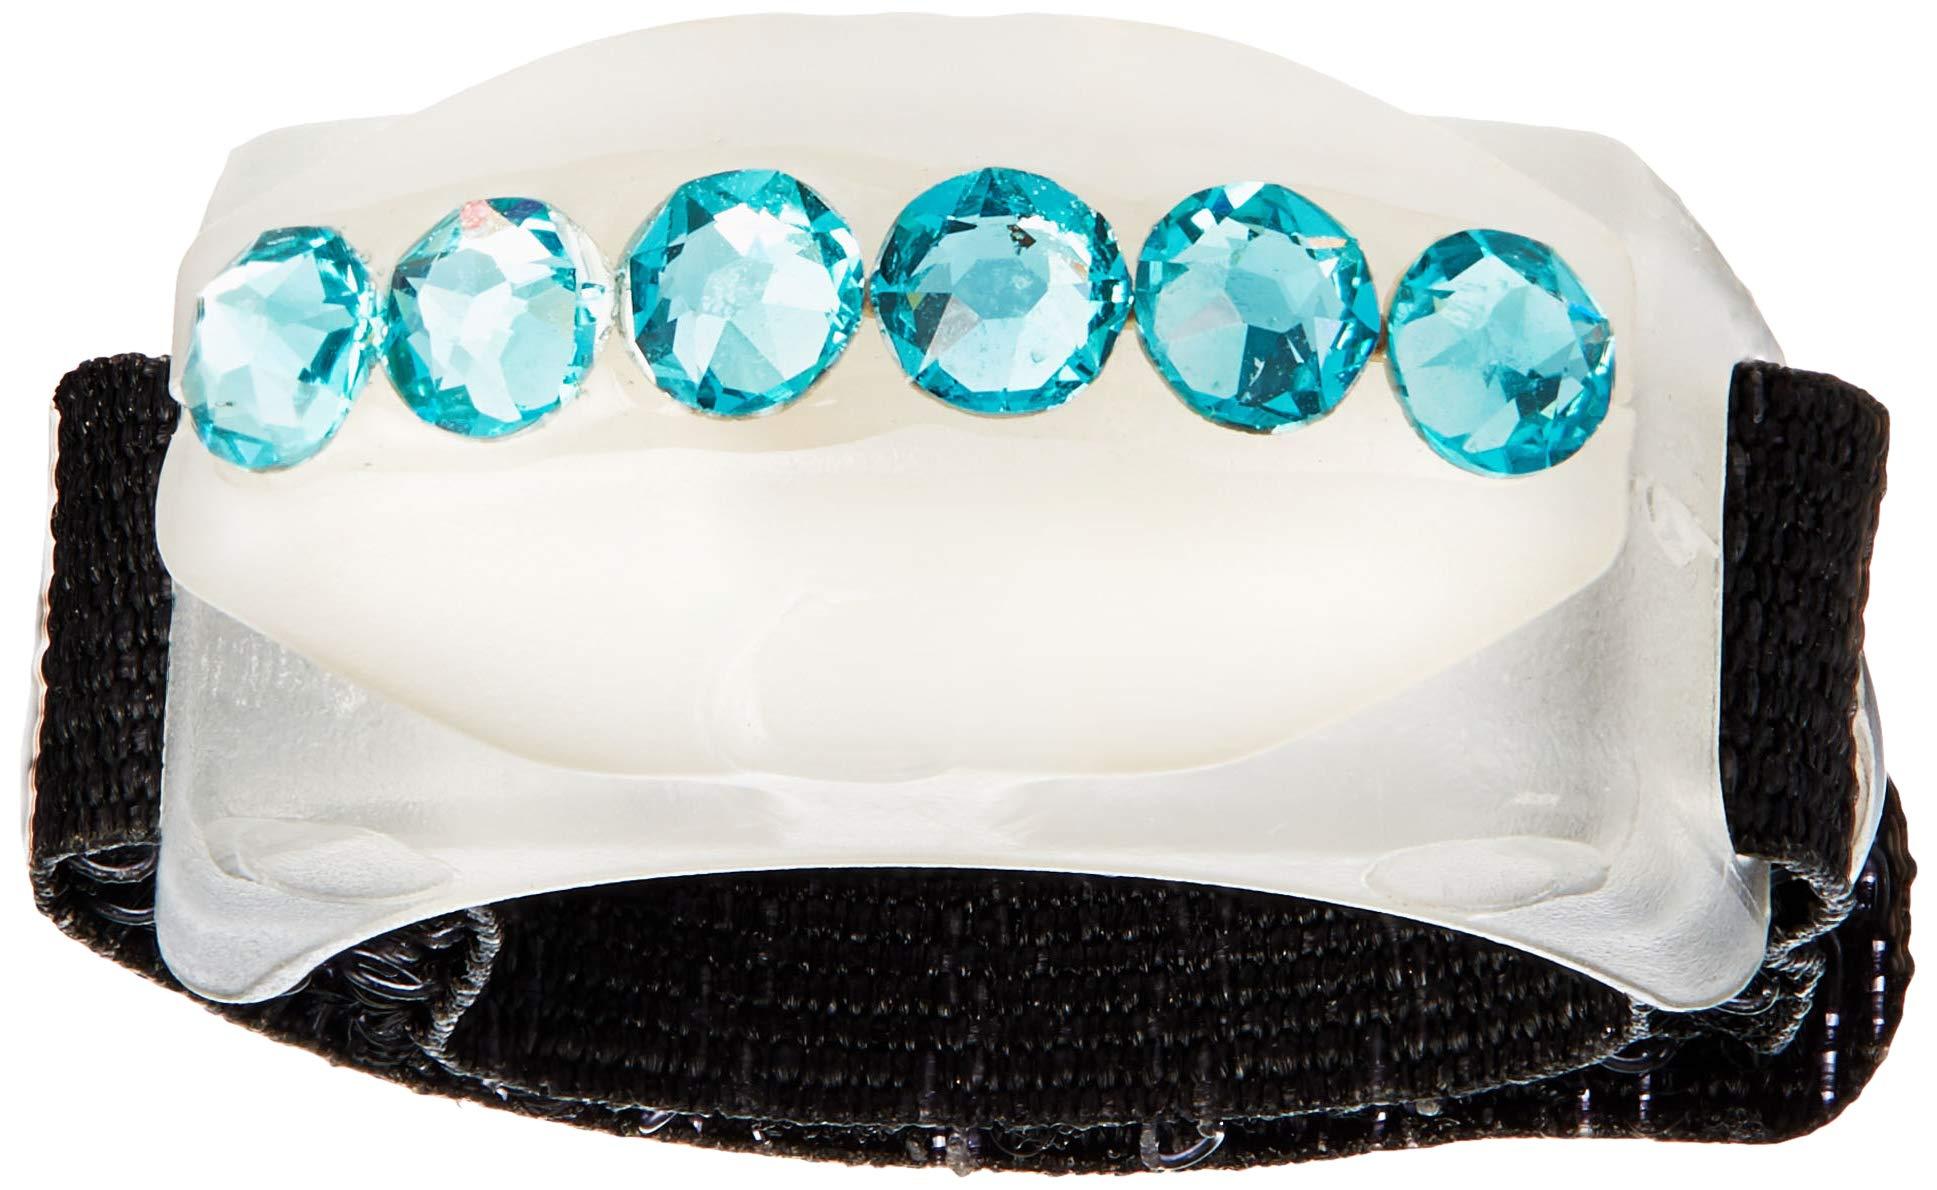 Thread Cutterz Ring Glow-in-The-Dark w/Single Row Swarovski Crystals - A Ring That cuts Thread, Yarn & Embroidery Floss